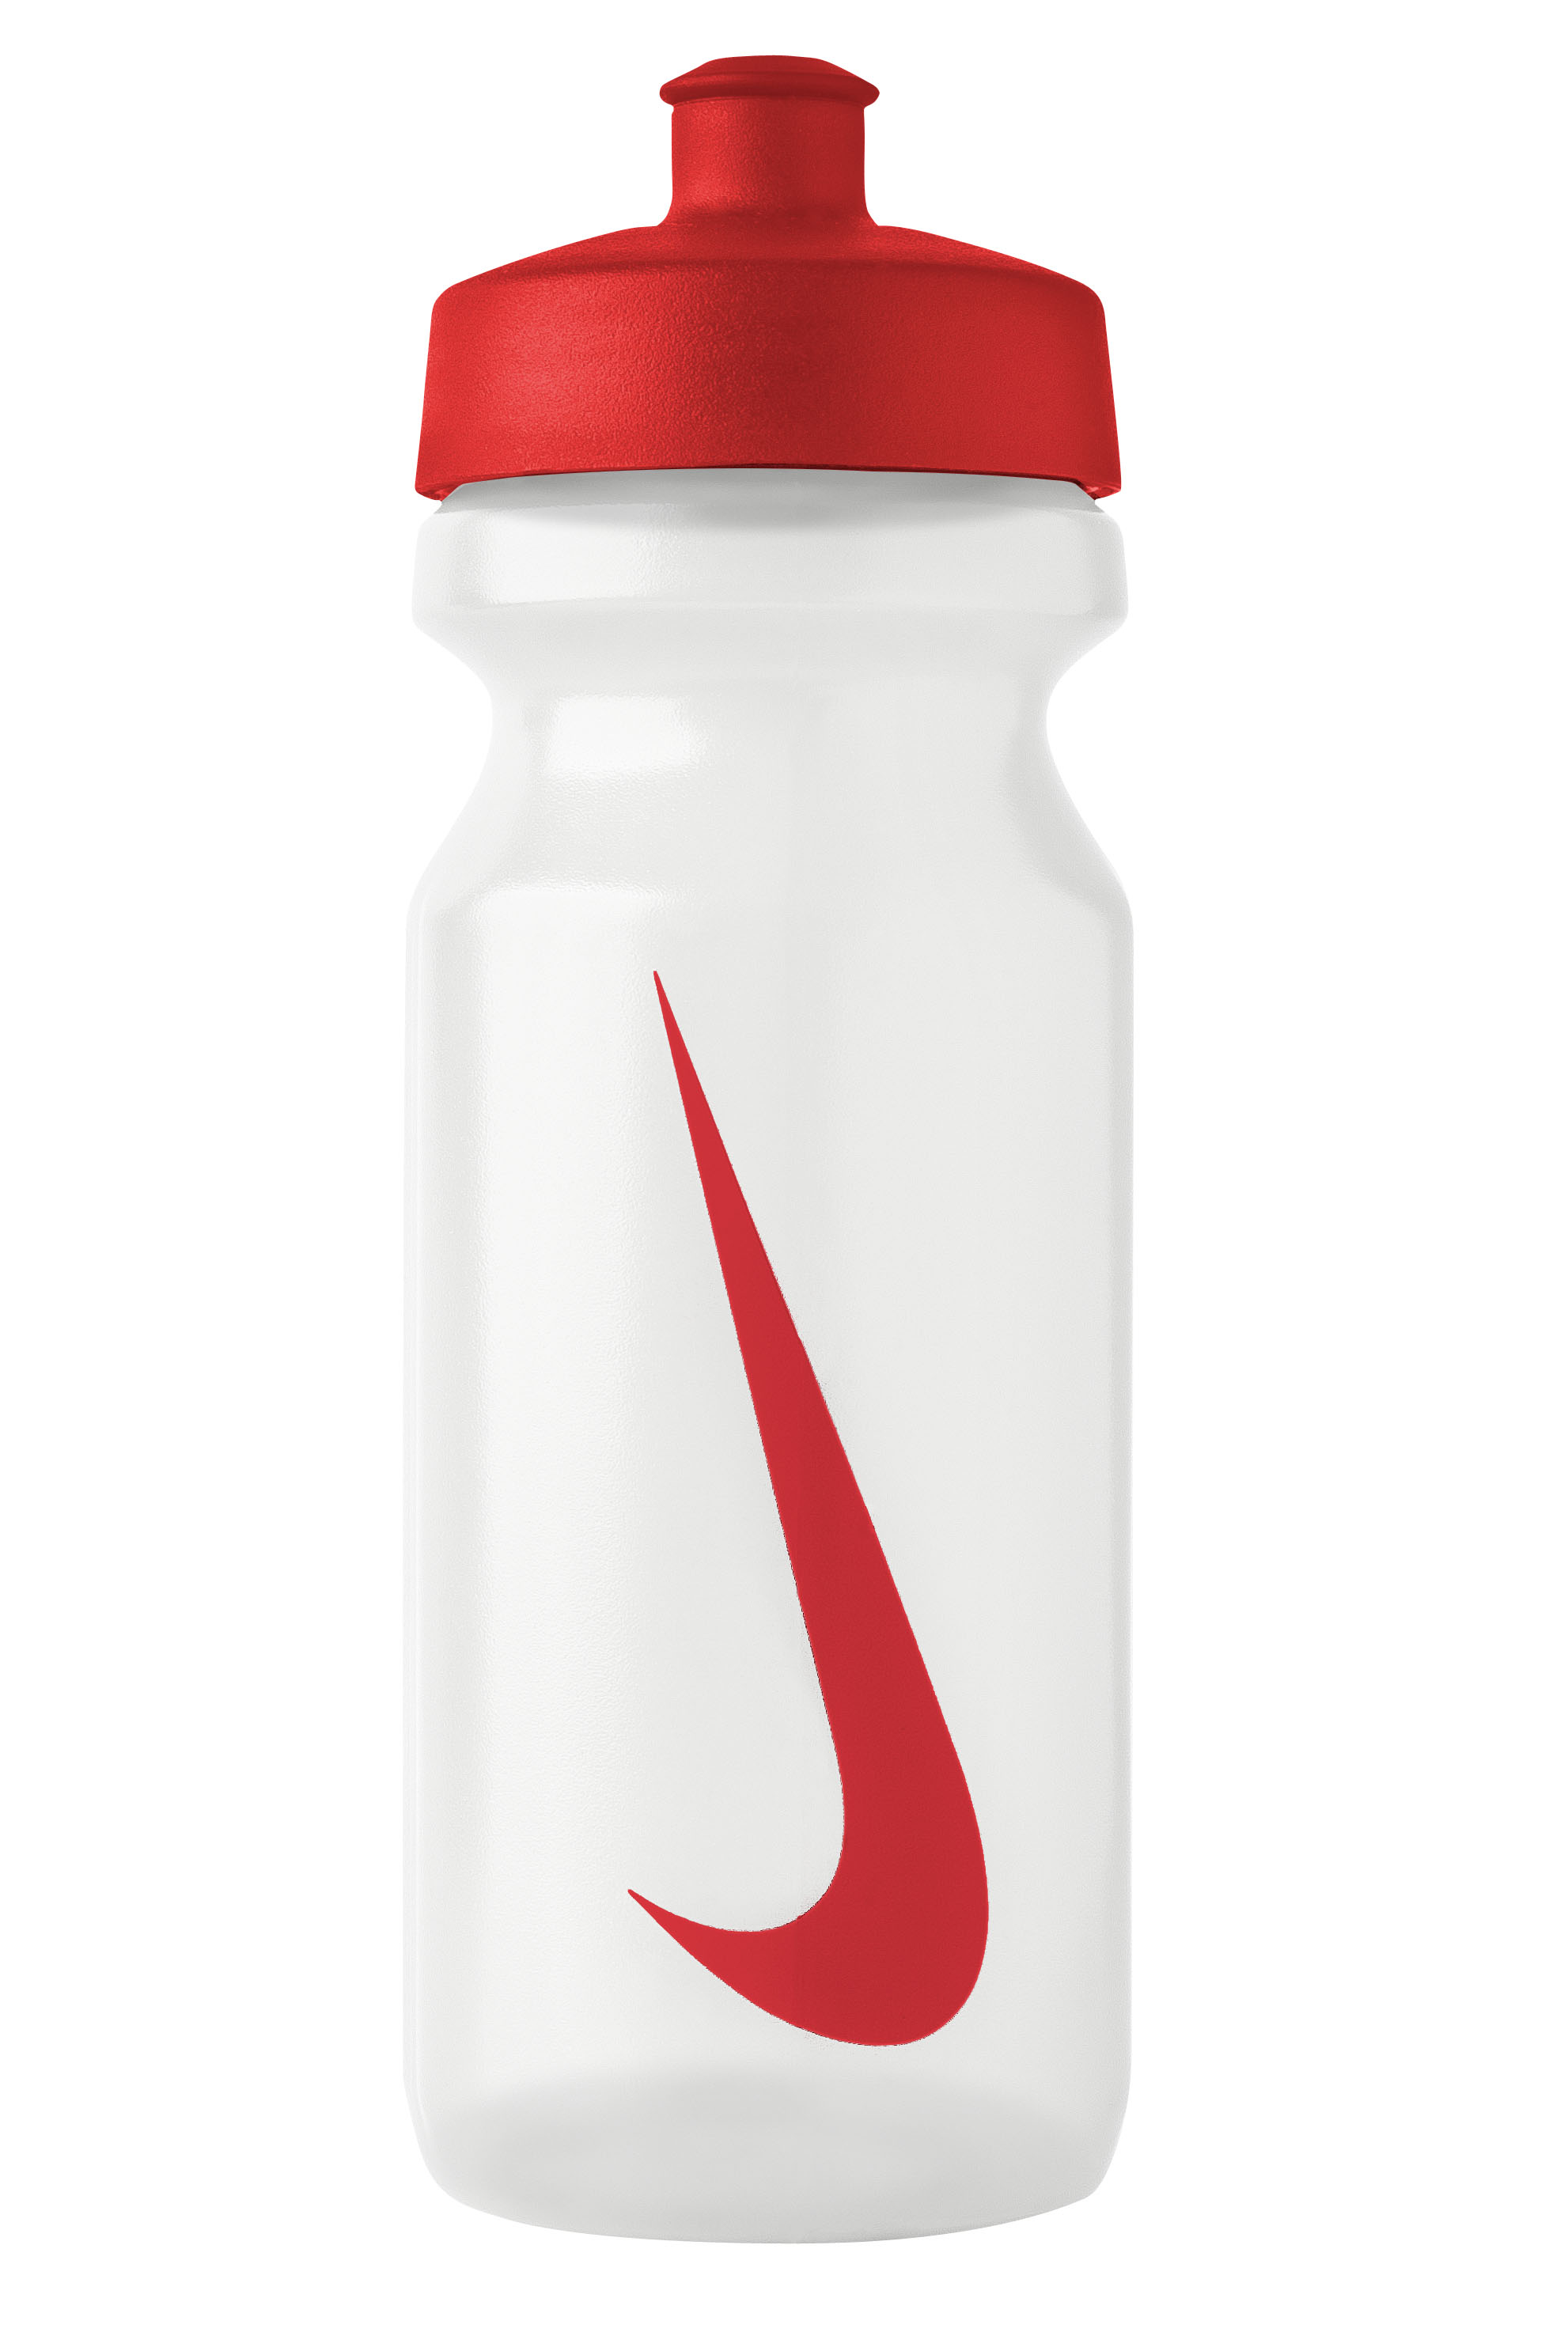 Nike BIG MOUTH WATER BOTTLE, steklenica, črna